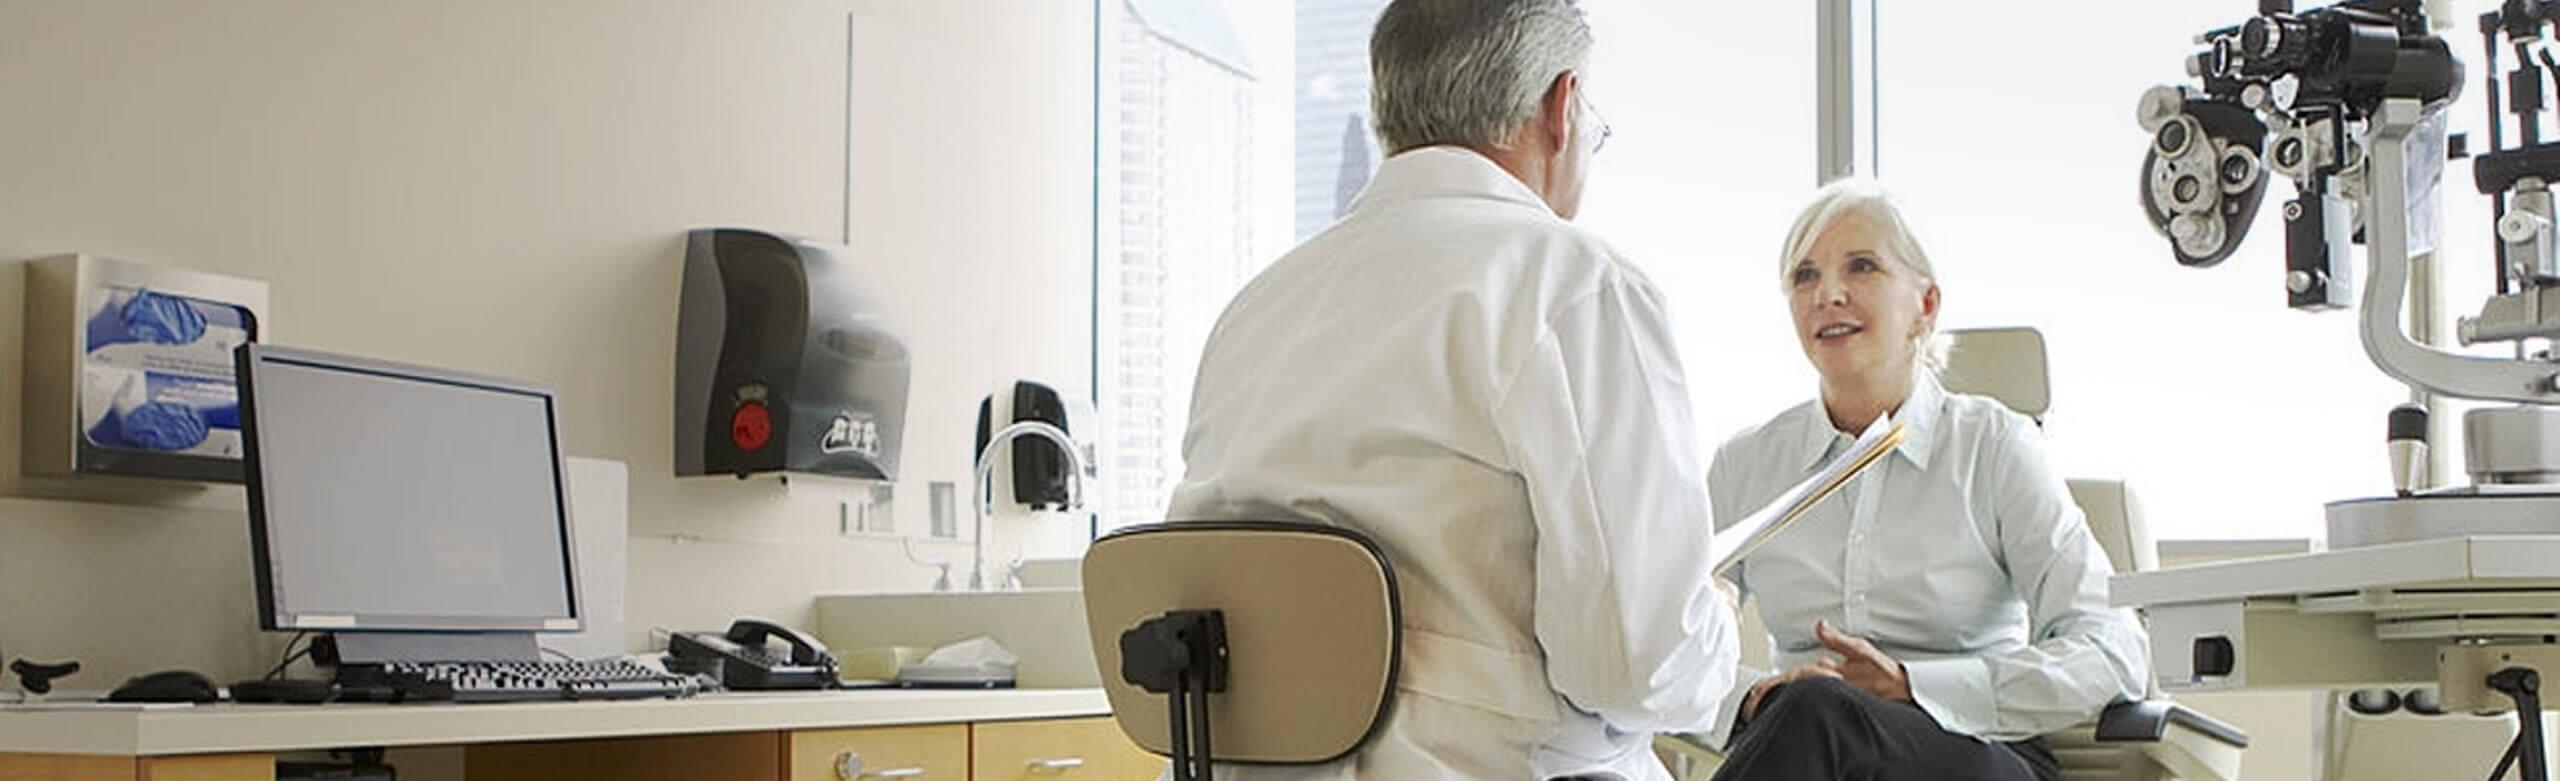 Un ophtalmologiste et son patient en cabinet d'examen